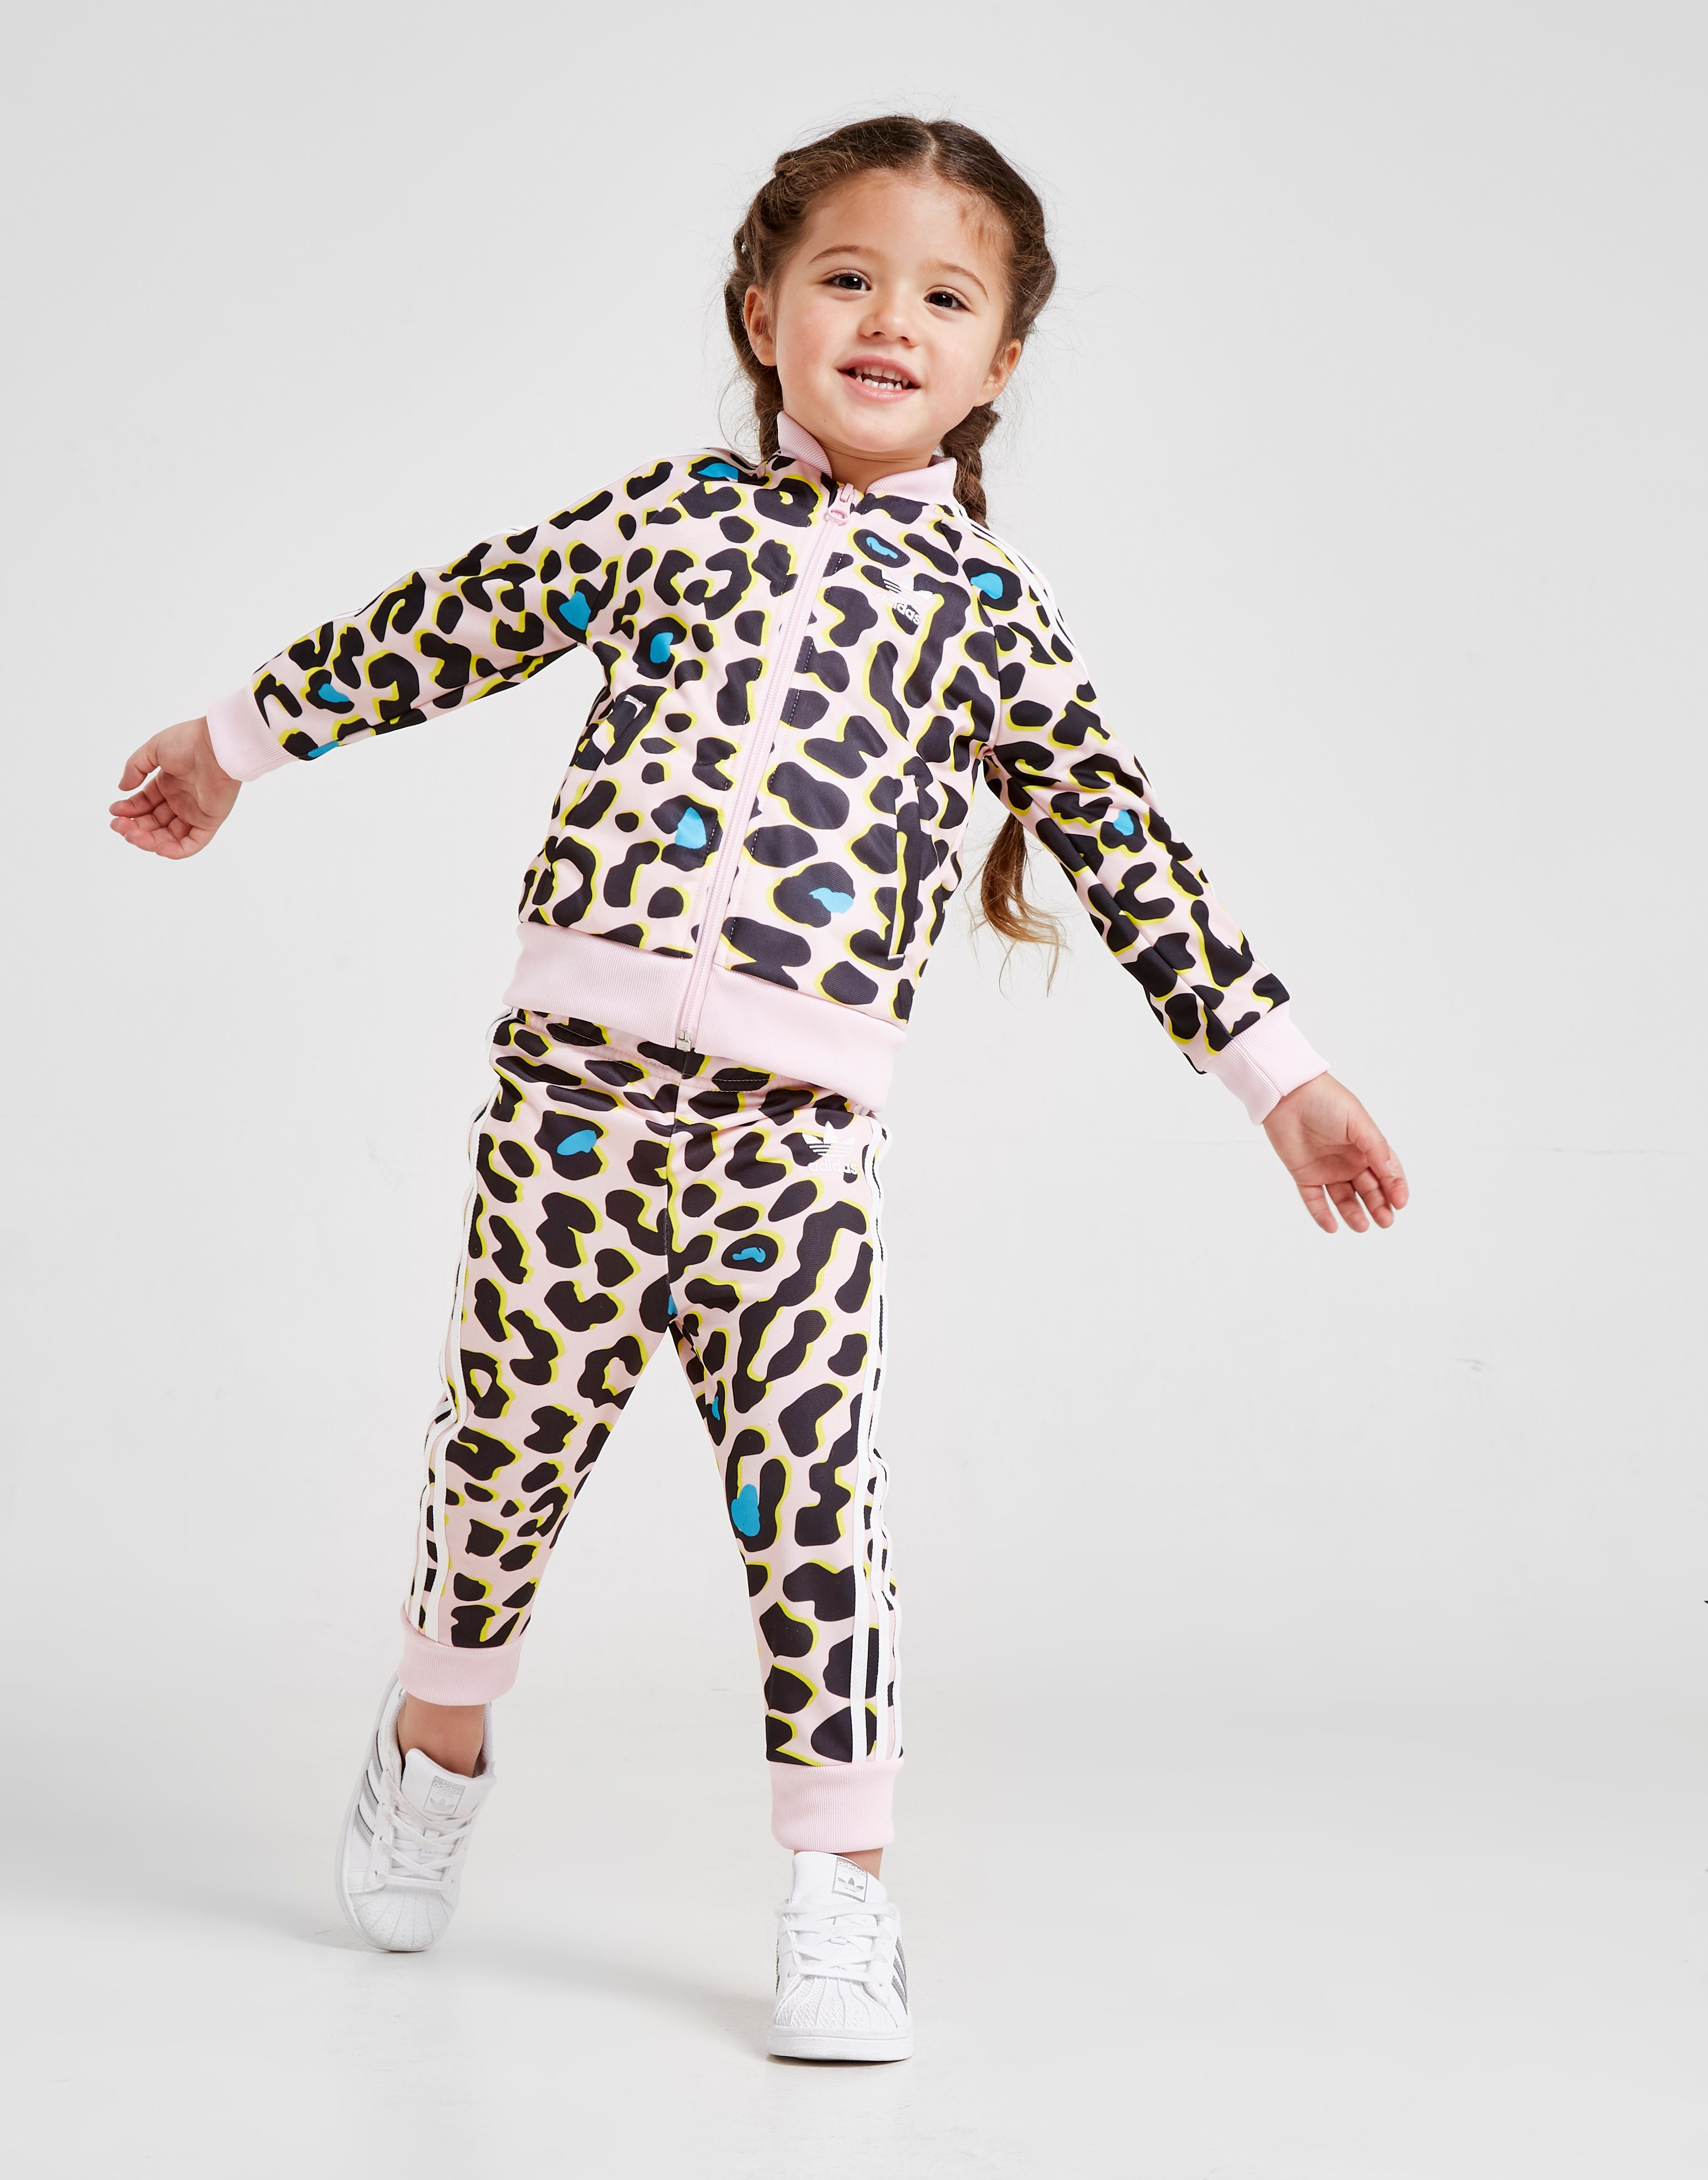 Baby Adidas Tracksuit | Baby adidas tracksuit, Adidas baby